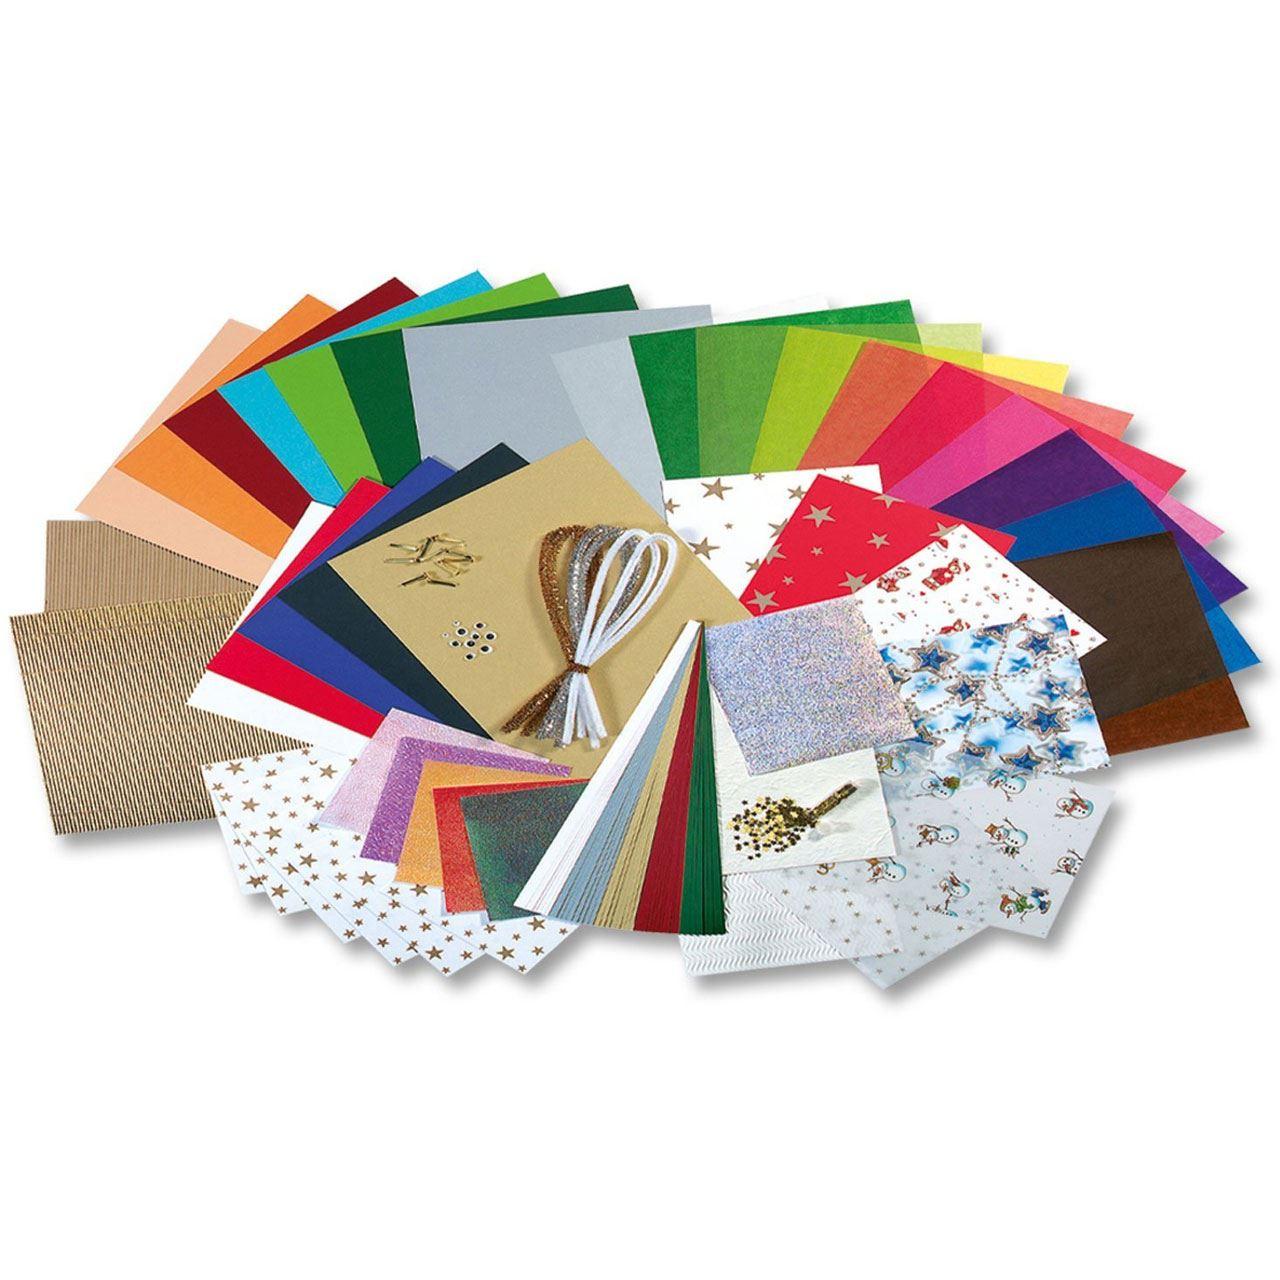 """Folia Bastelpapier-Koffer """"weihnachten Ii"""", 110-Teilig ganzes Bastelpapier Weihnachten"""